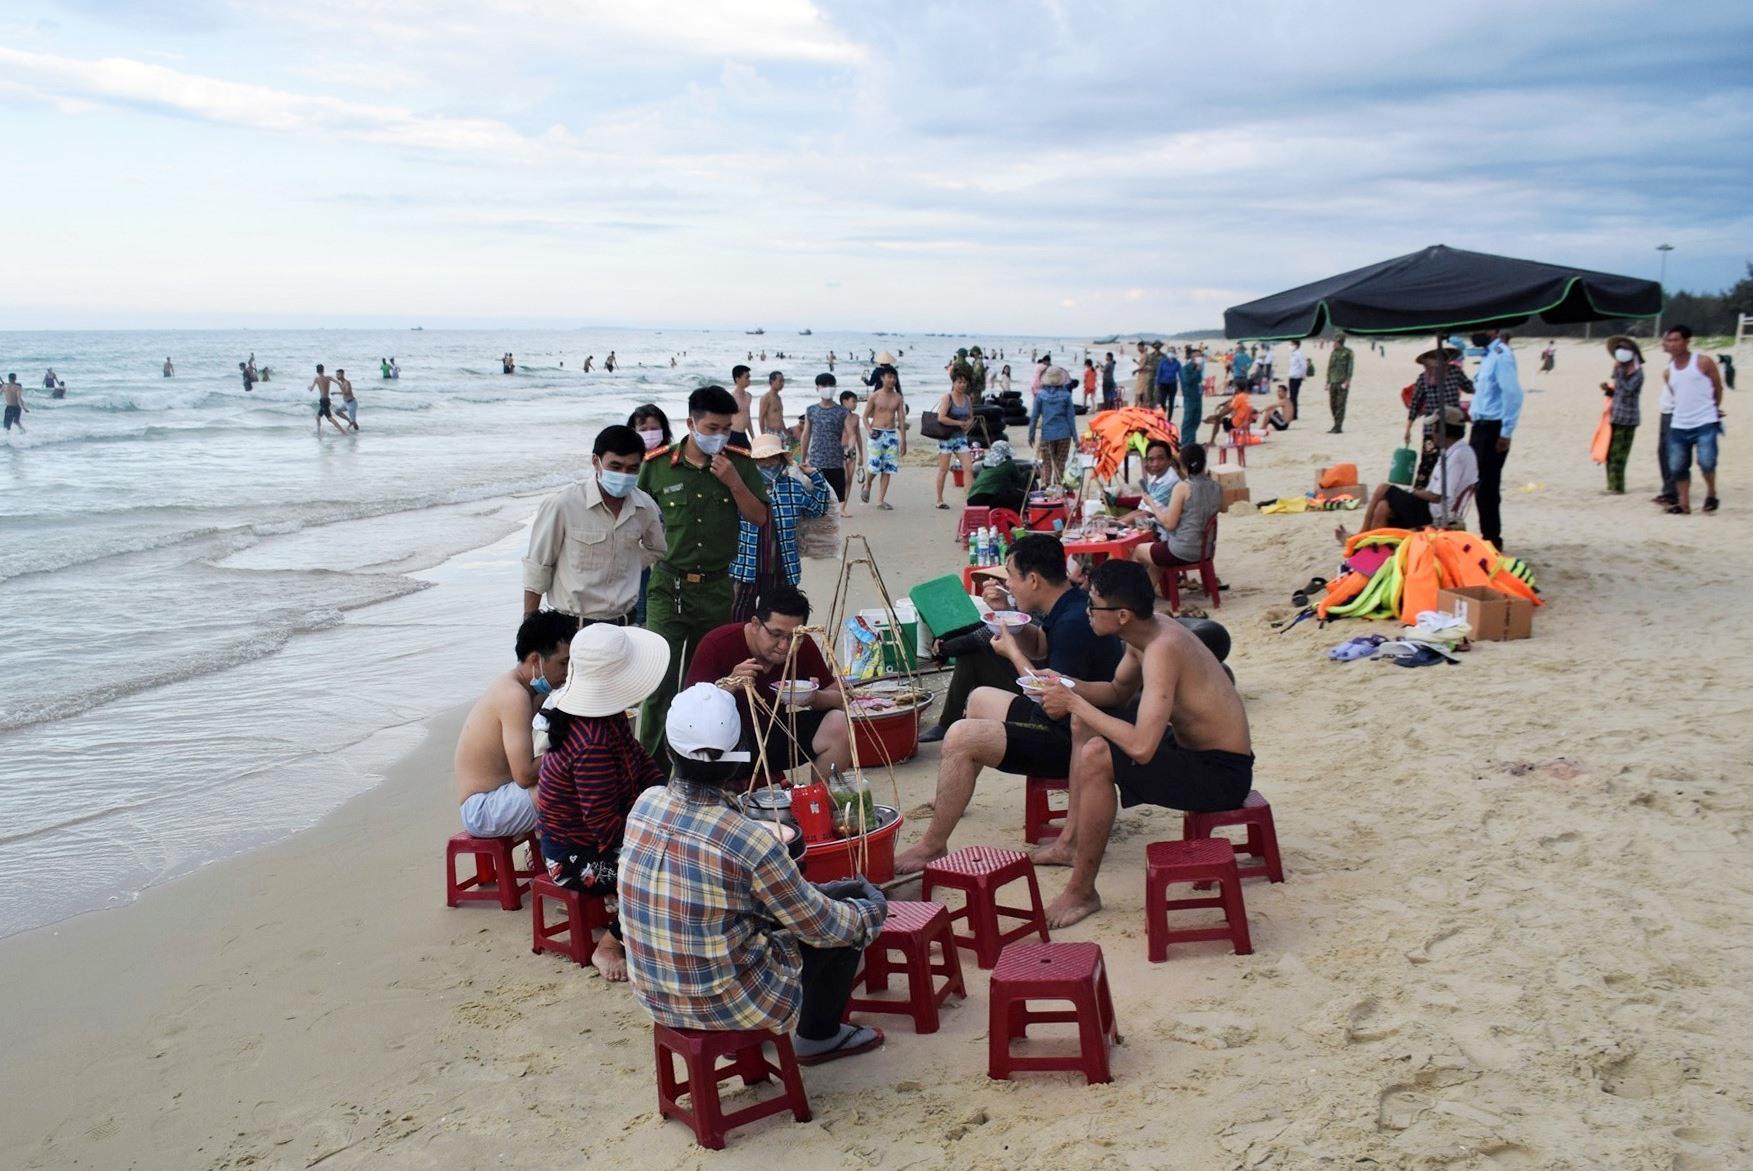 Lực lượng Công an xã Tam Thanh kịp thời nhắc nhở một số điểm chưa giữ đúng khoảng cách 1m tại bãi biển. Ảnh: HOÀI AN